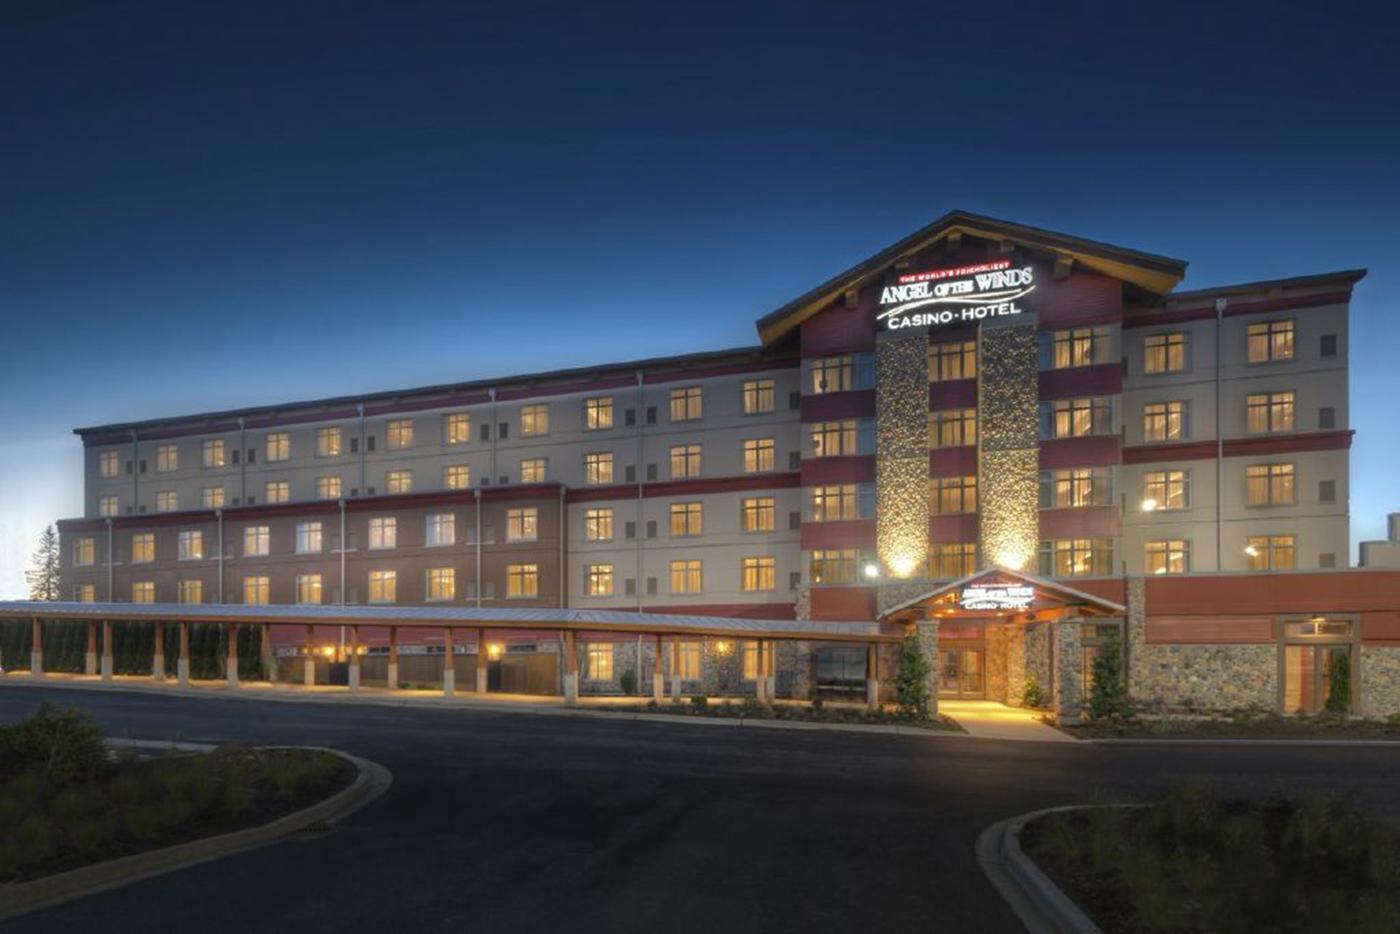 Seattle casino resort